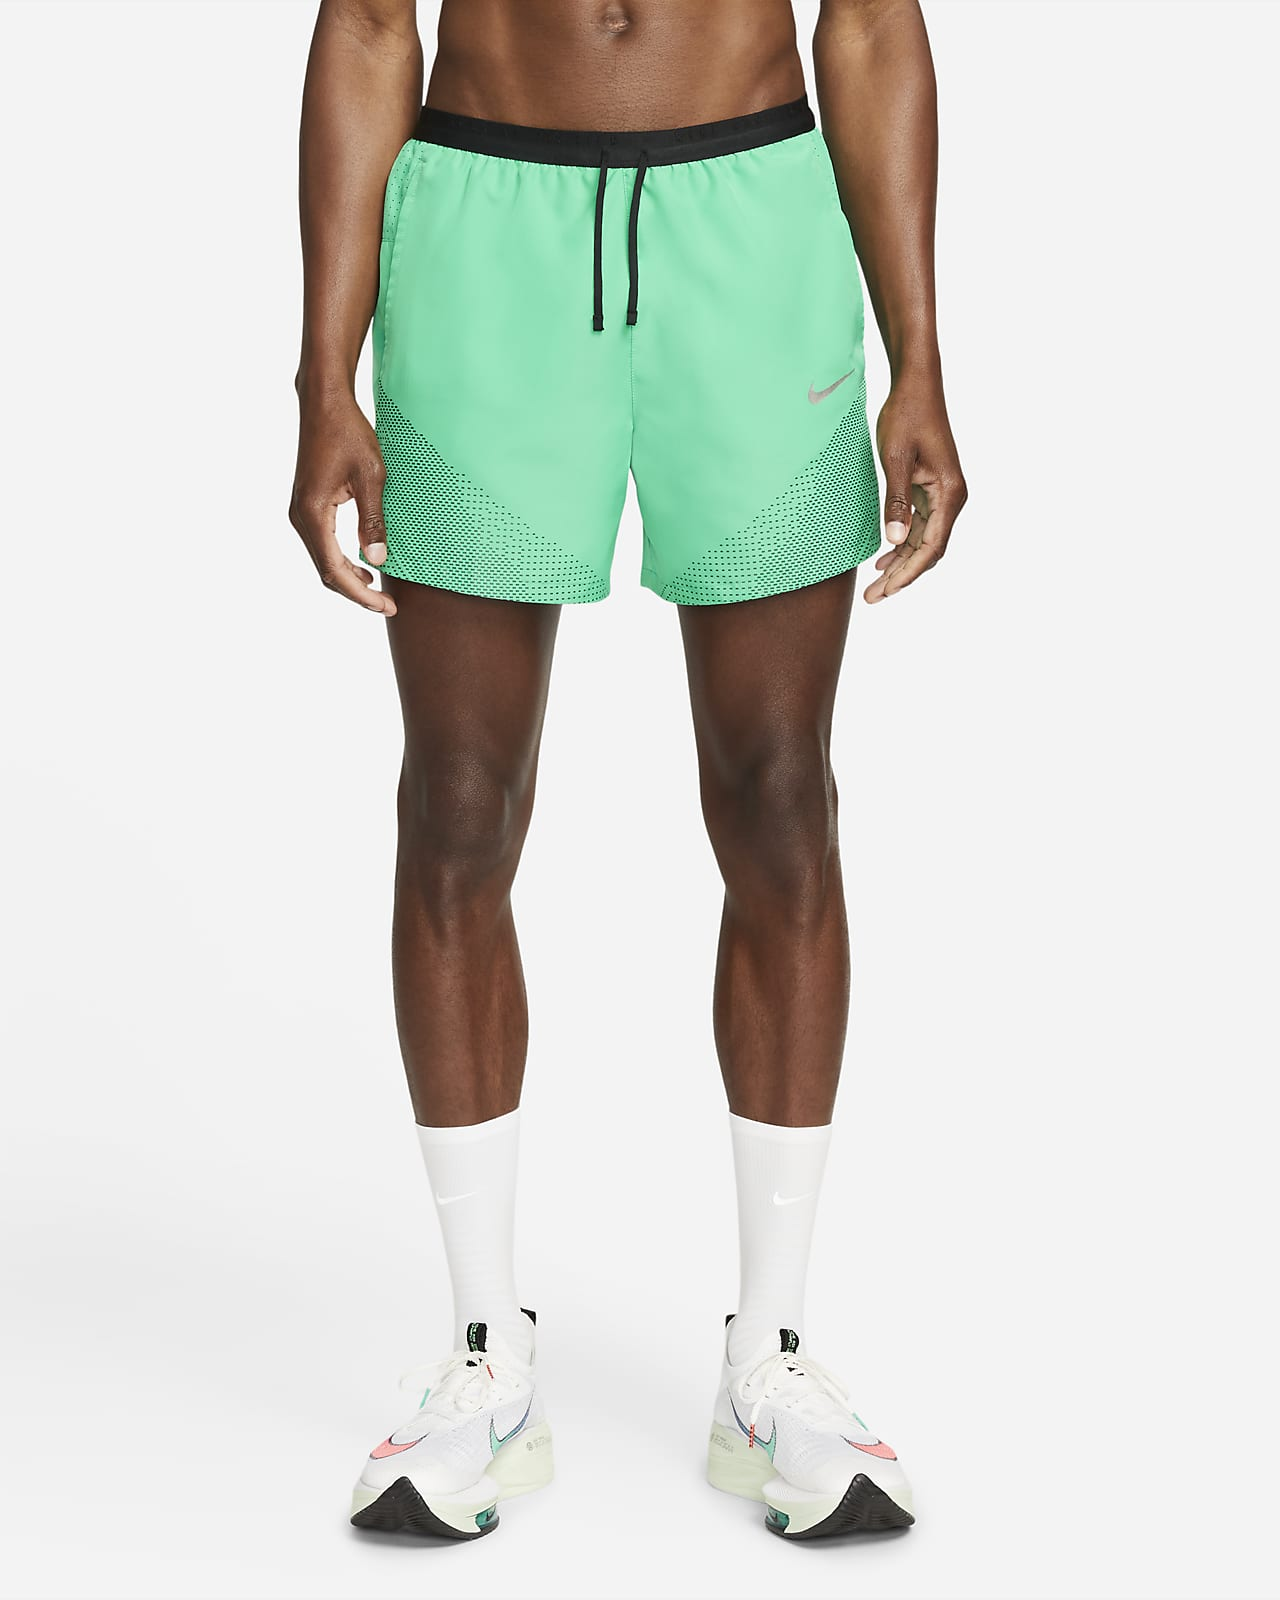 Short de running avec sous-short intégré 13cm Nike Dri-FIT Run Division Flex Stride pour Homme